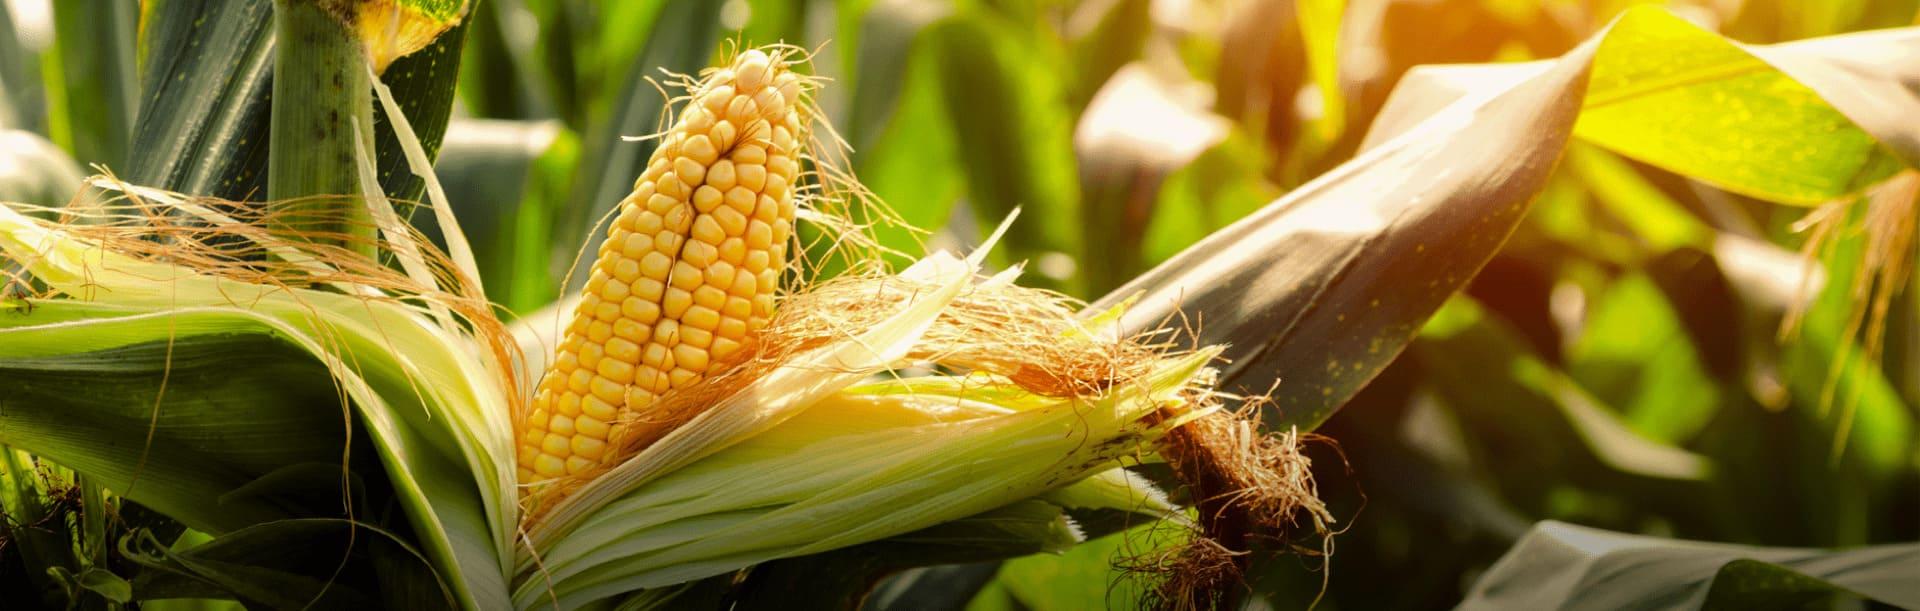 Foto ilustrativa de espigas de milho